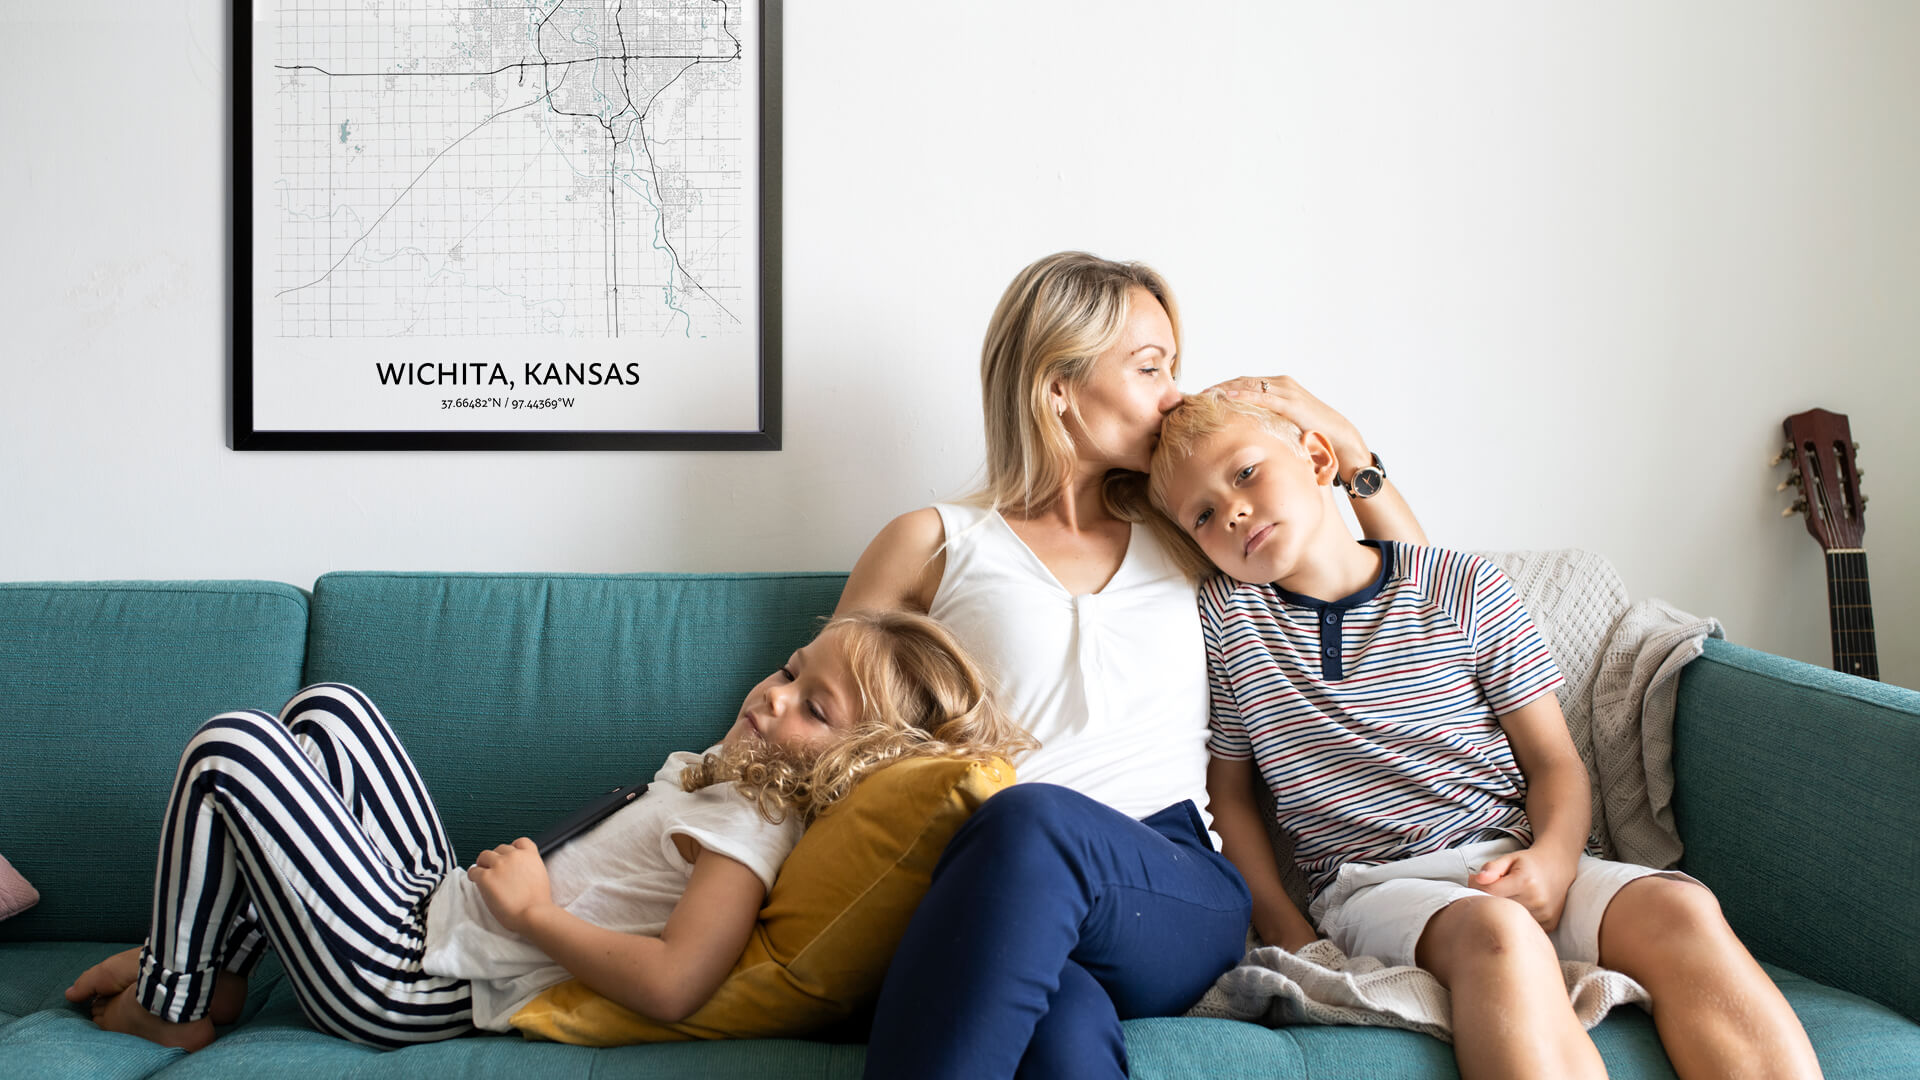 Wichita map poster